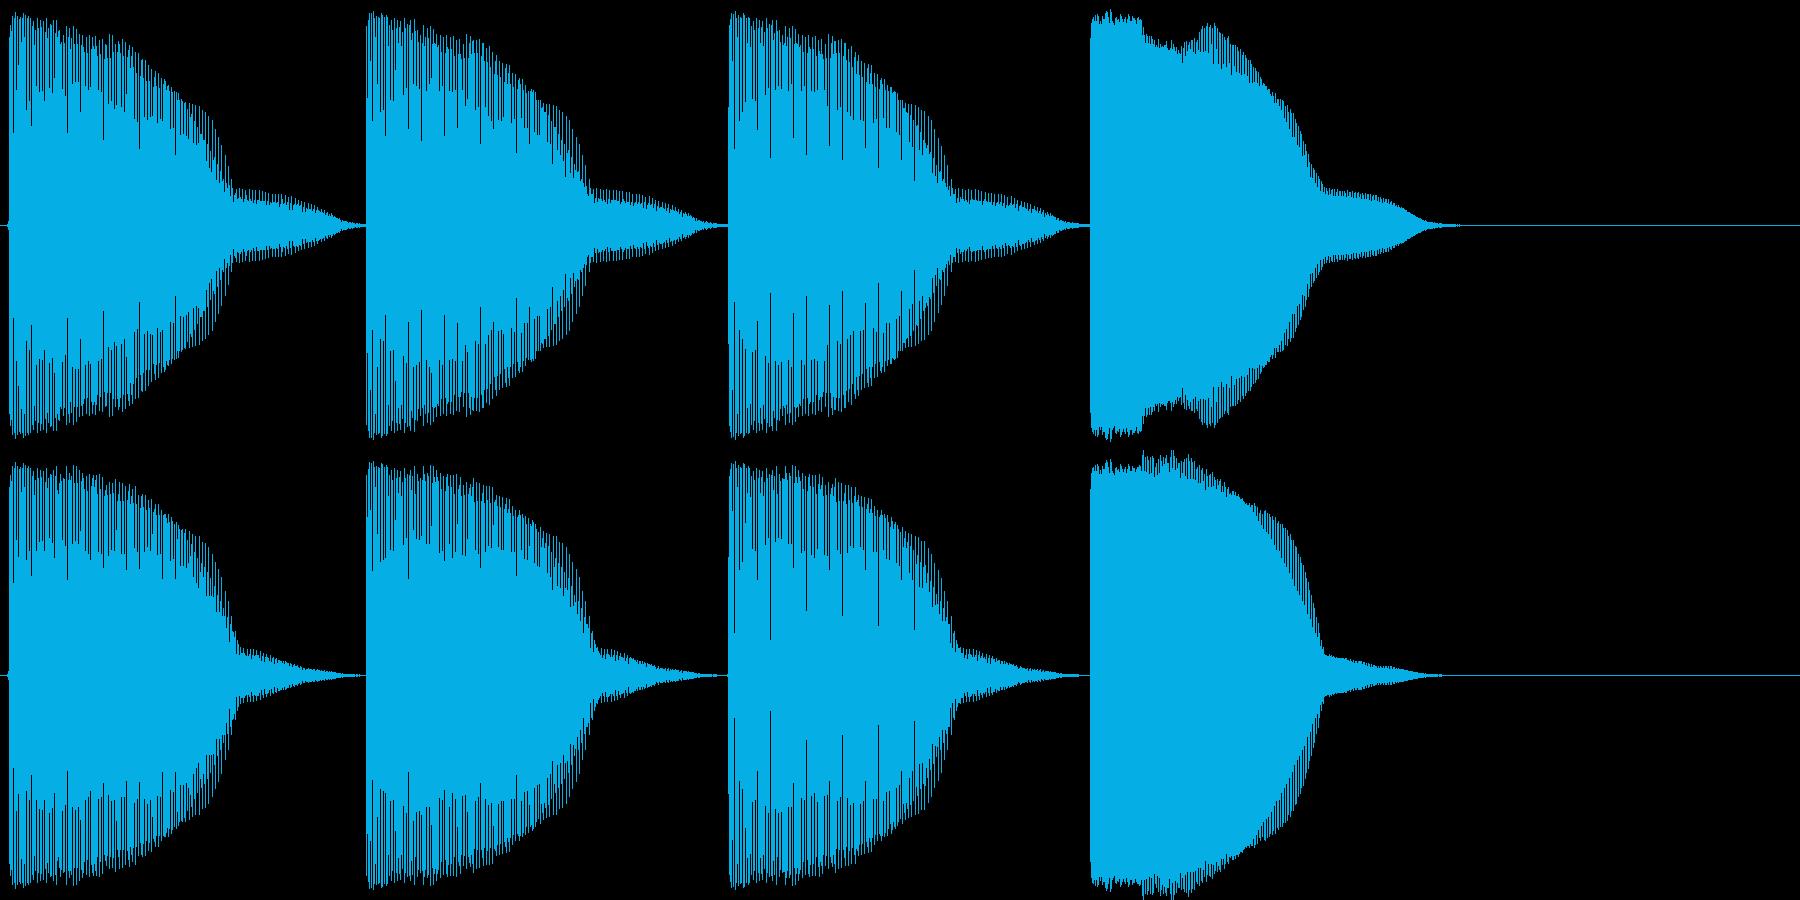 昔懐かしいゲーム的なスタート音の再生済みの波形